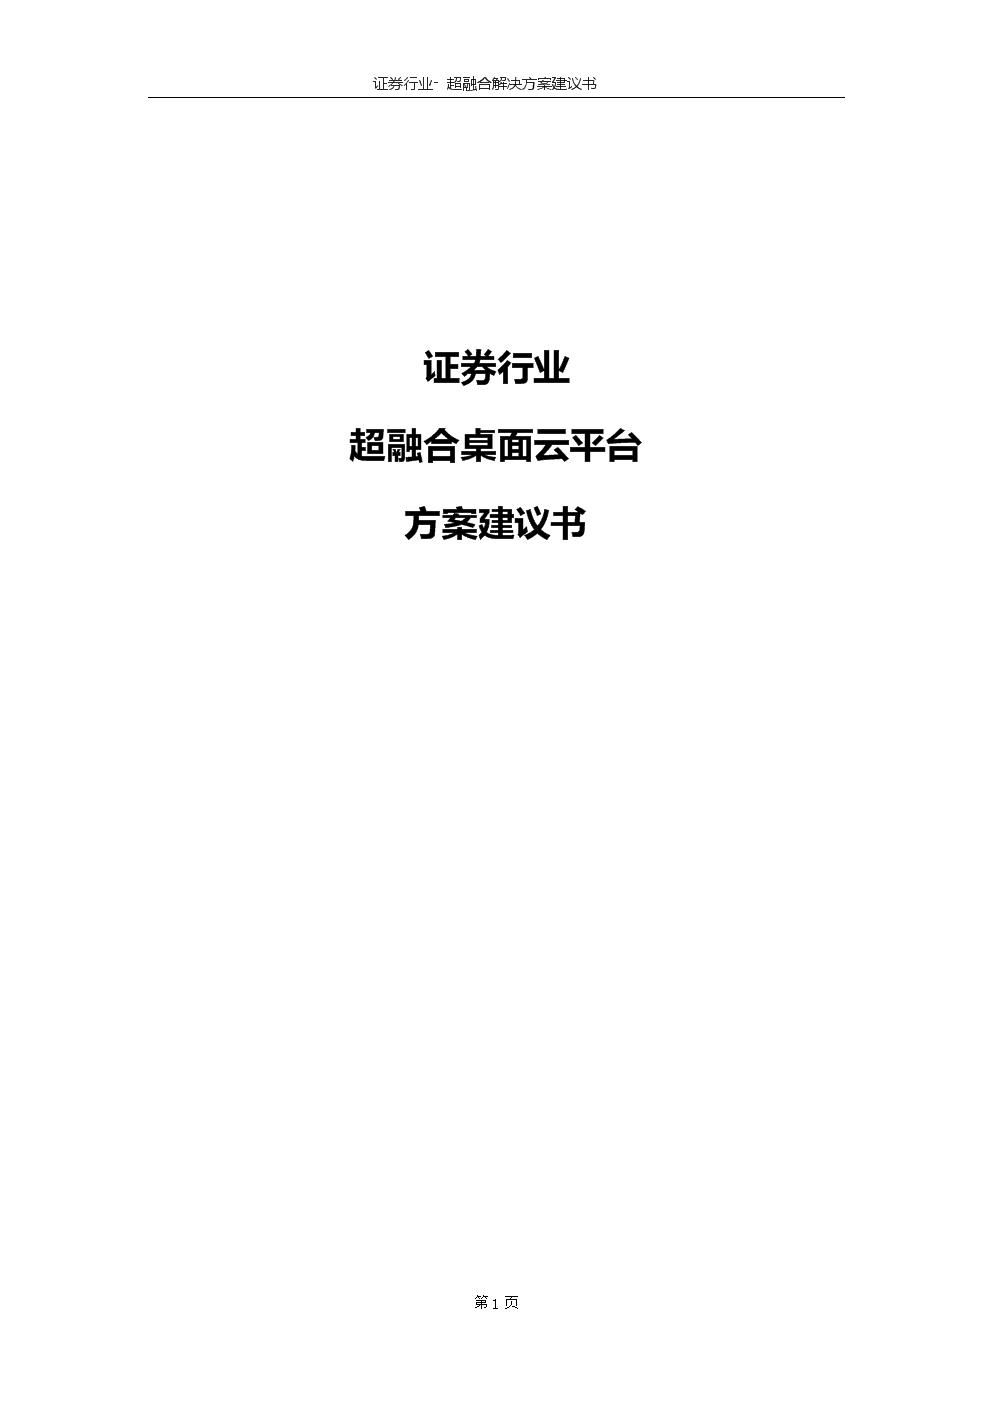 金融行業超融合桌面云-方案建議書.docx